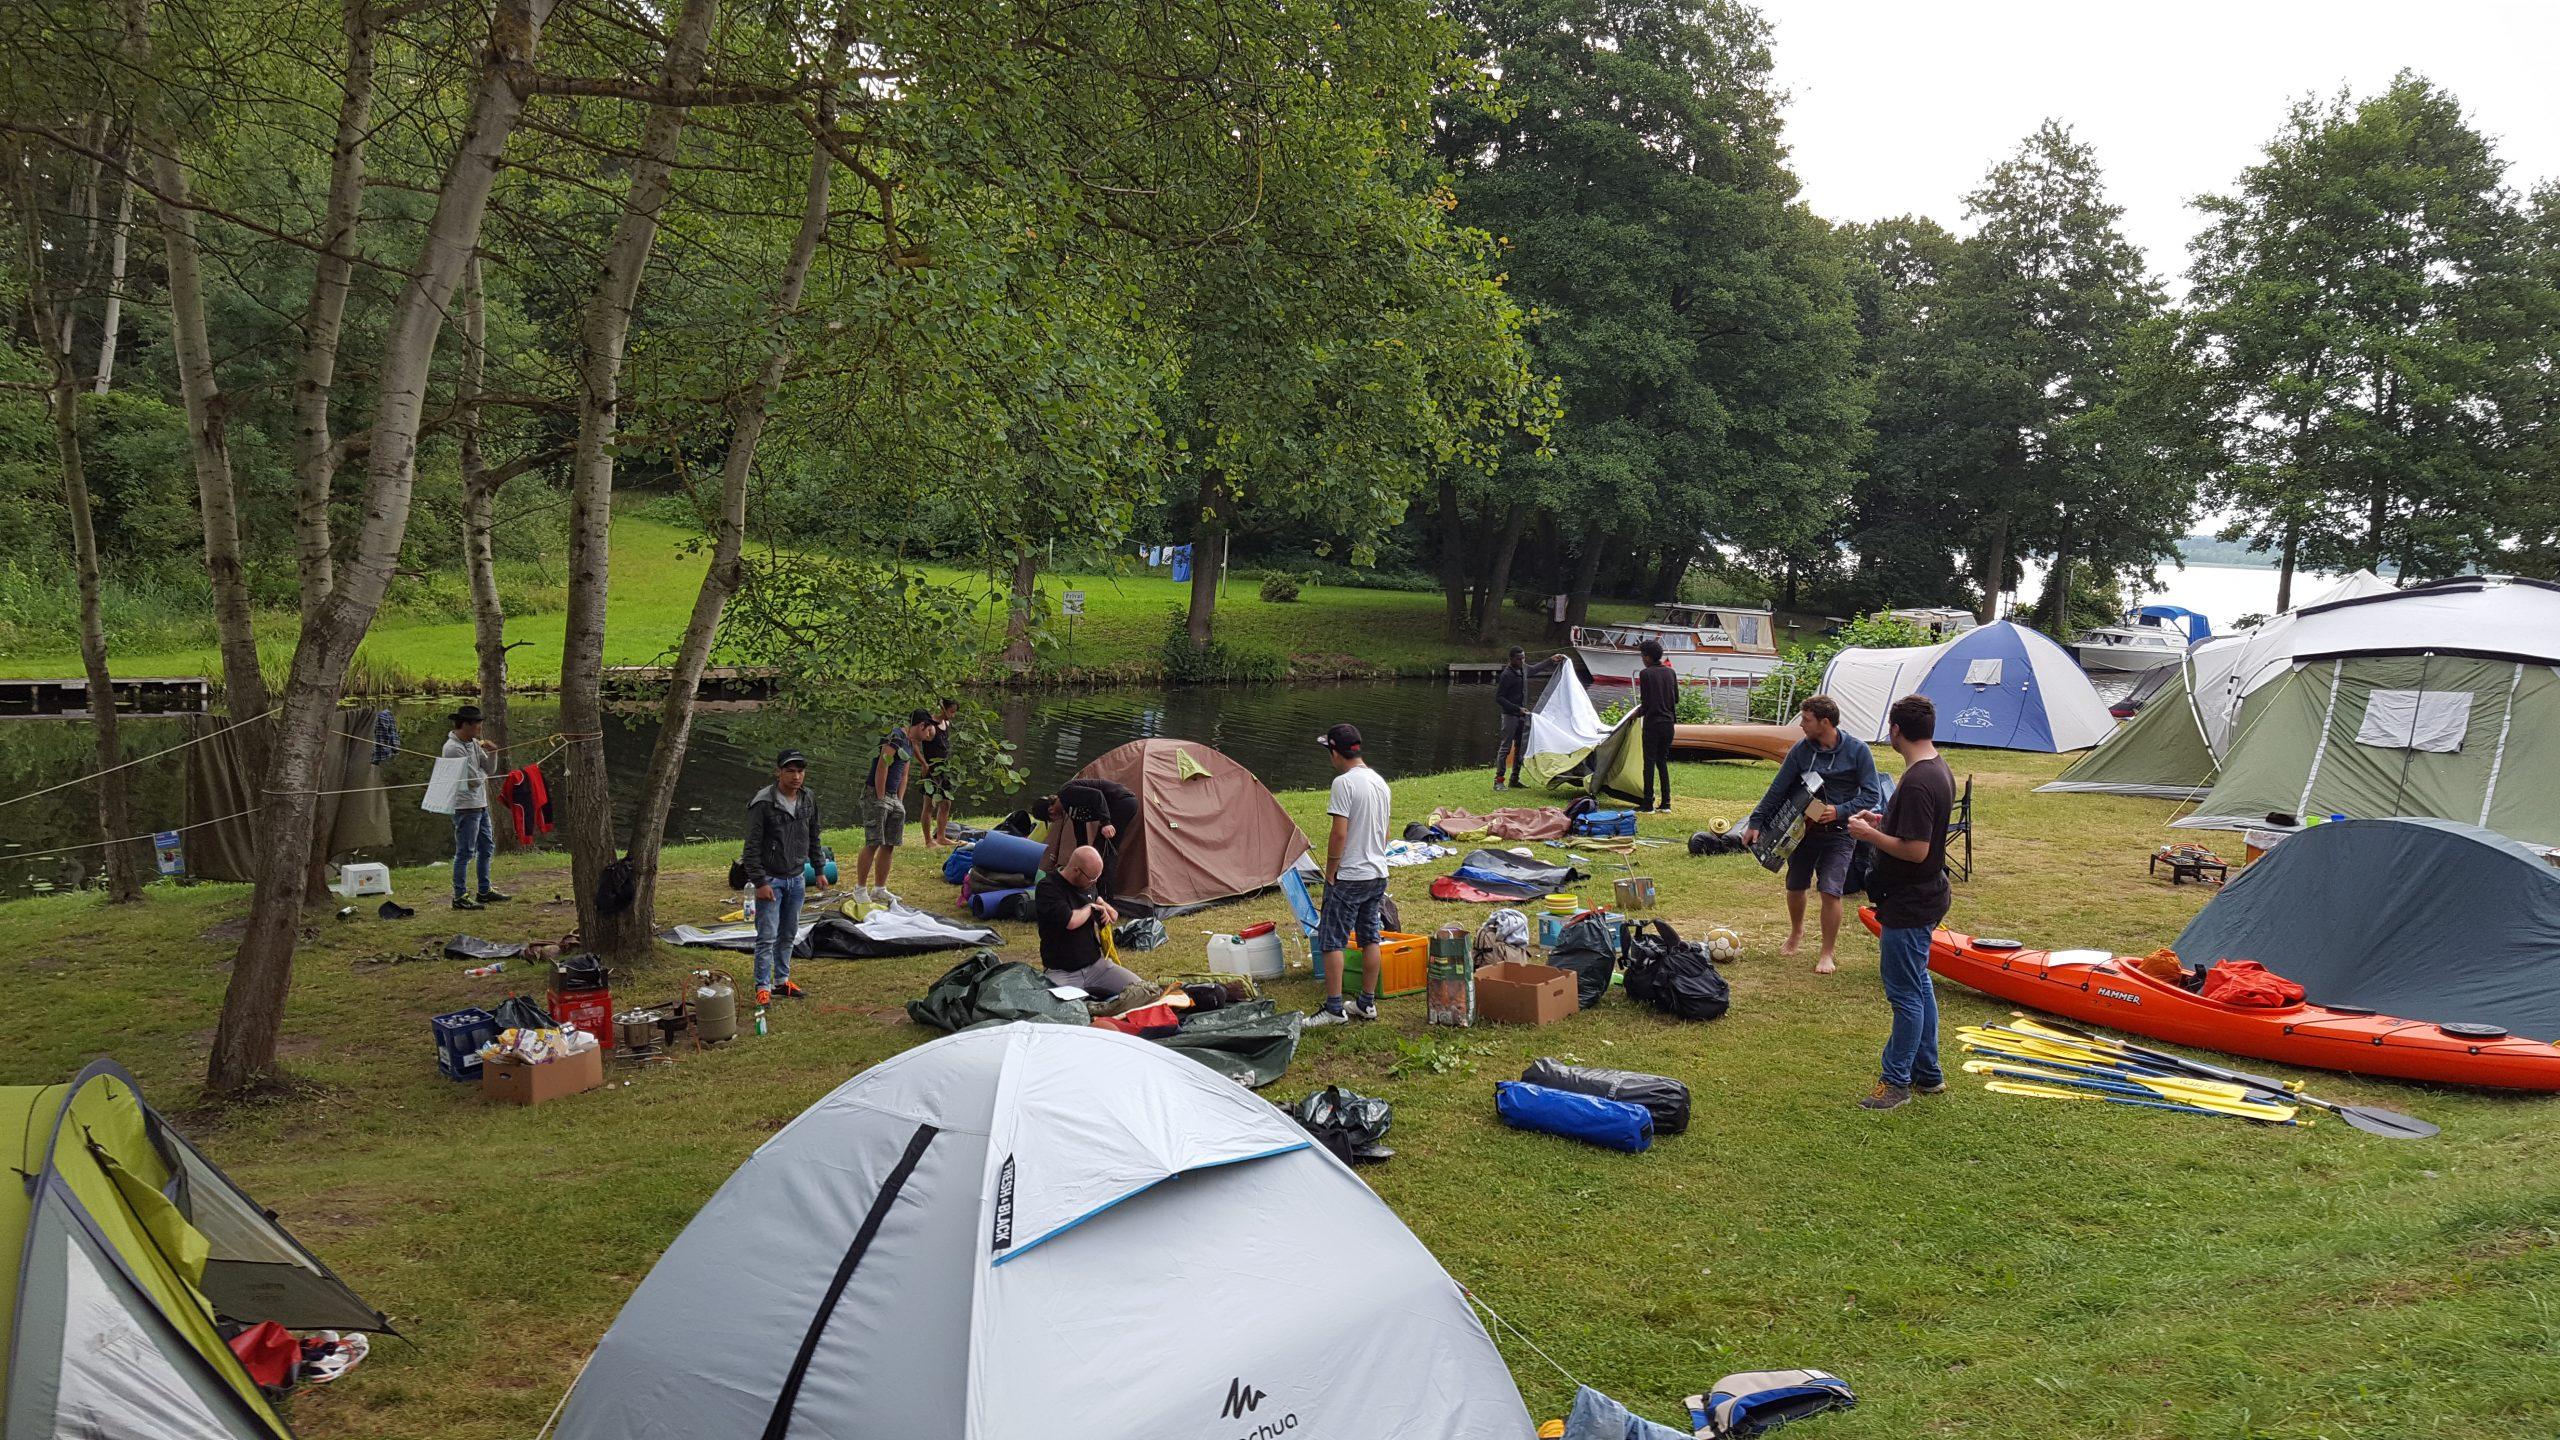 Der Campingplatz der Jugendgruppe auf Ferienfreizeit